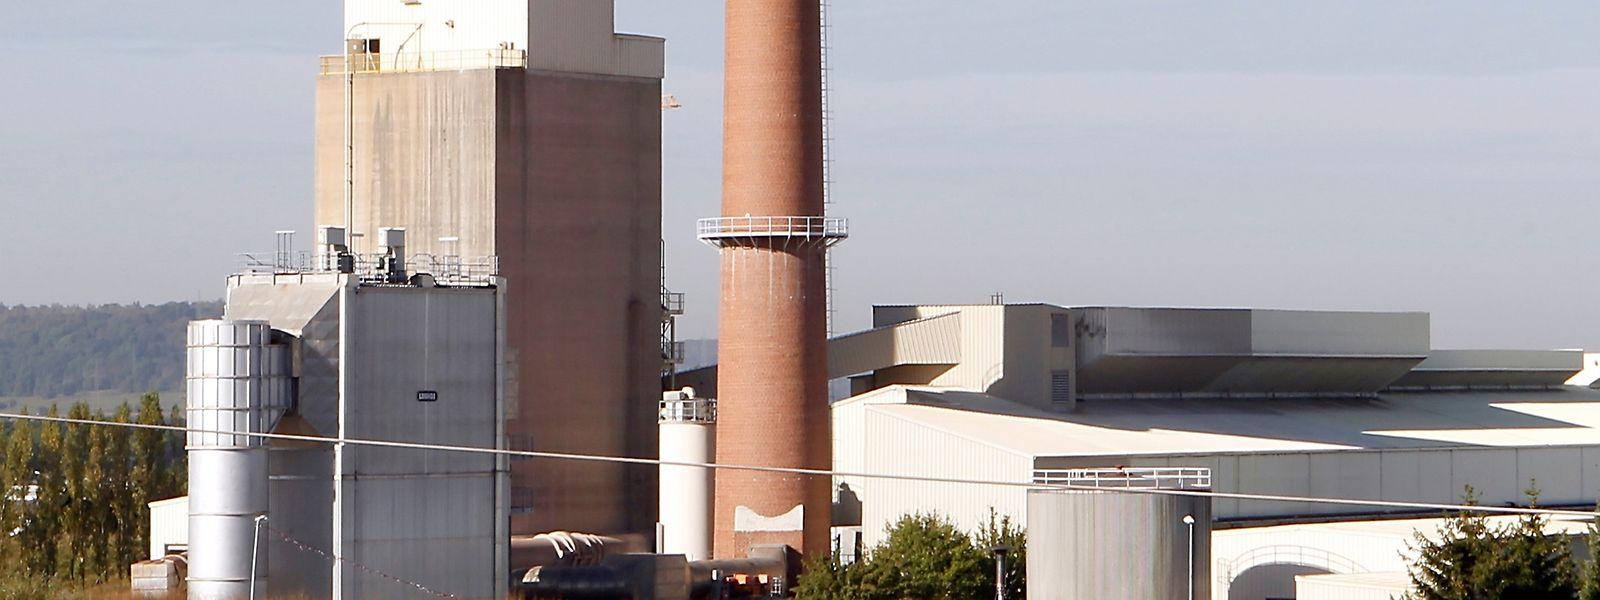 """Der Glasofen in Niederkerschen erreicht in zwei Jahren sein """"Lebensende"""": Insgesamt arbeiten an den zwei Produktionsstätten in Luxemburg derzeit 453 Mitarbeiter."""